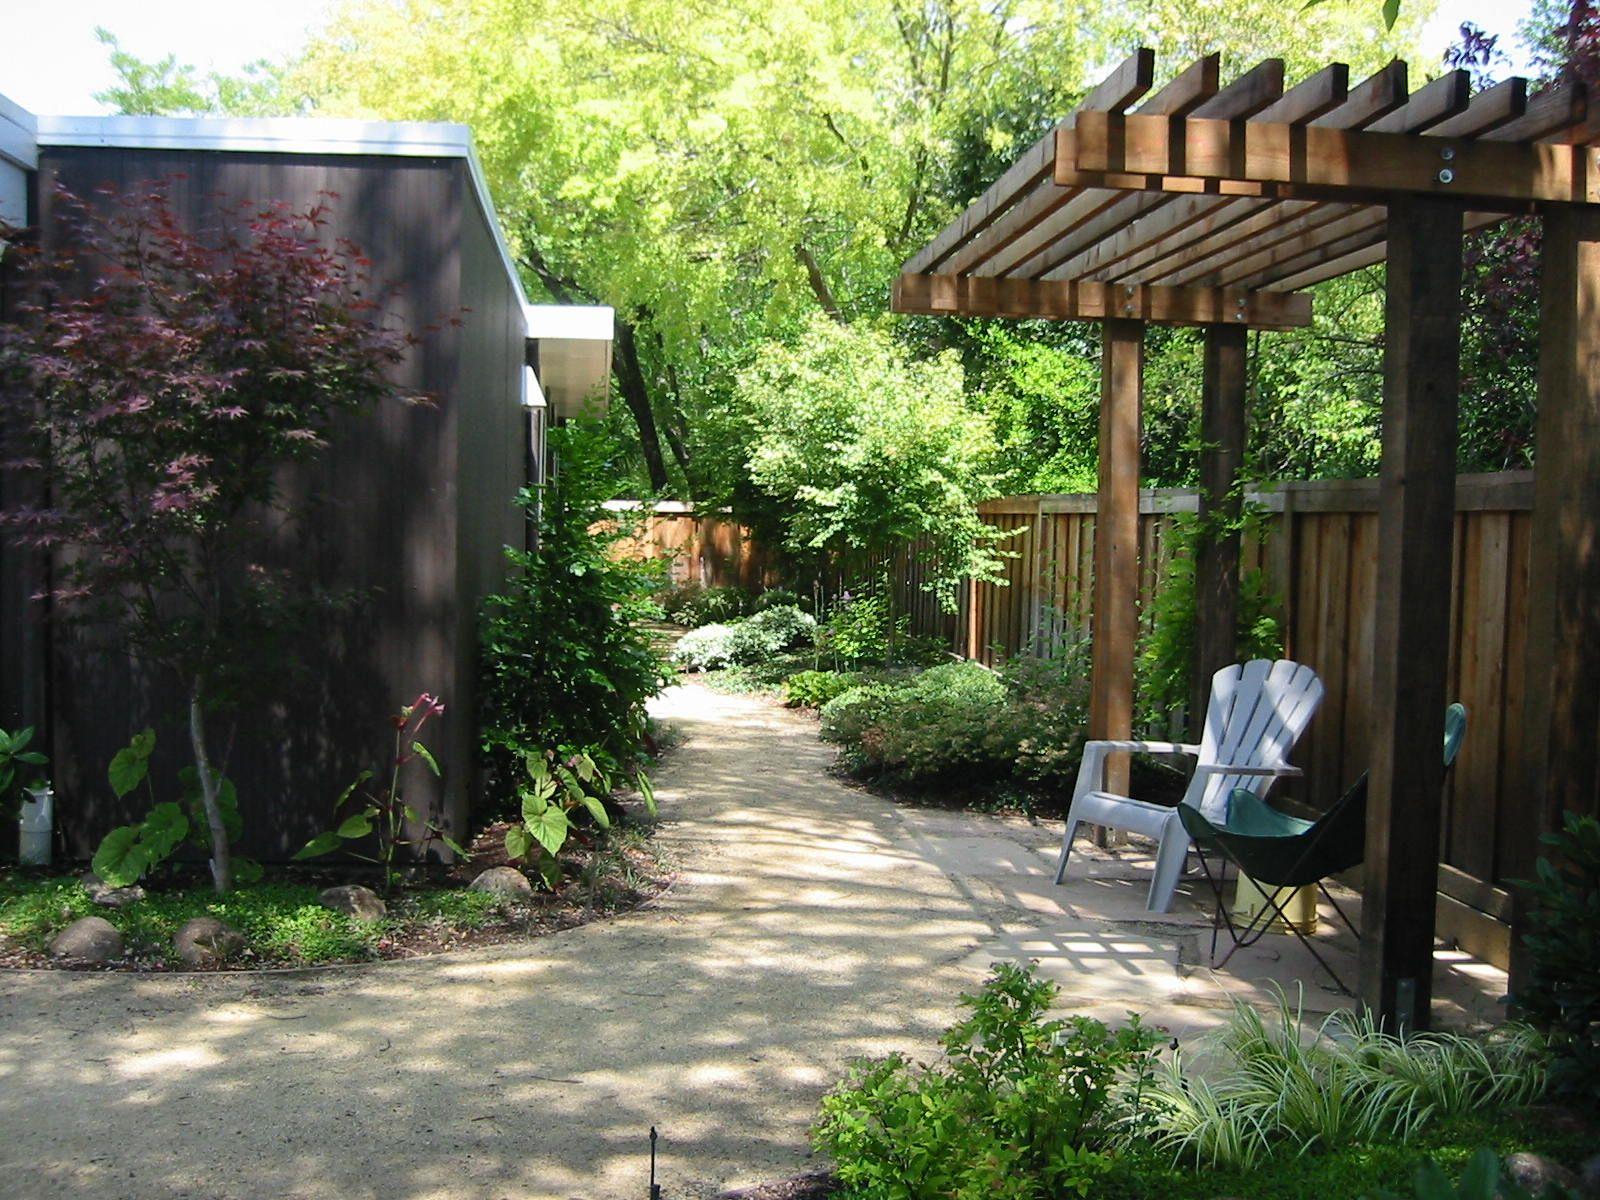 Decomposed Granite Paths   Decomposed granite patio ... on Decomposed Granite Backyard Ideas id=86329